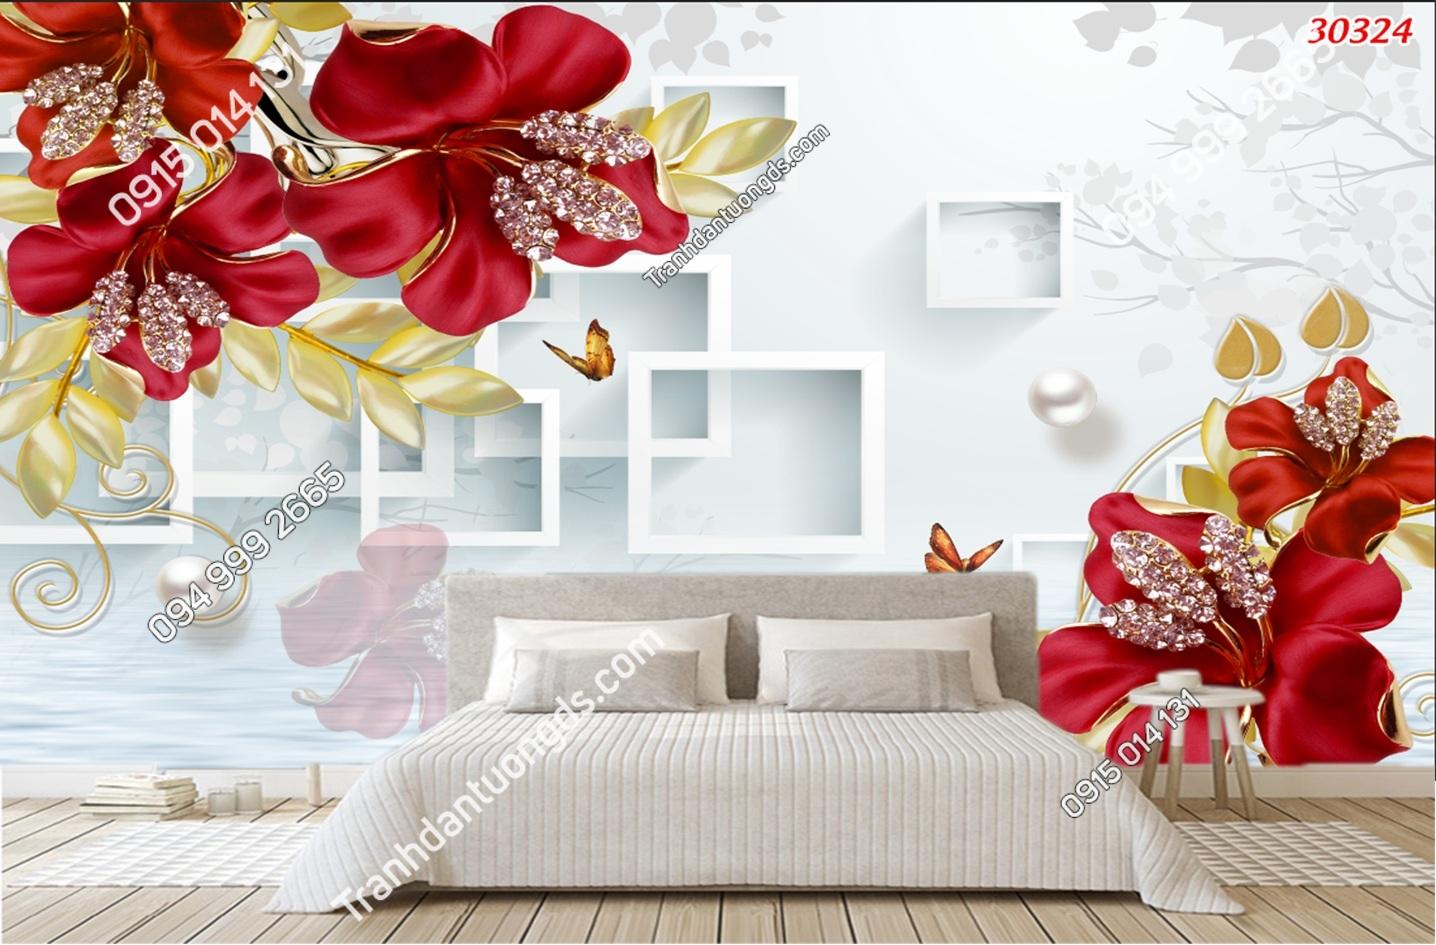 Tranh dán tường hoa 3D phòng ngủ màu đỏ 30324